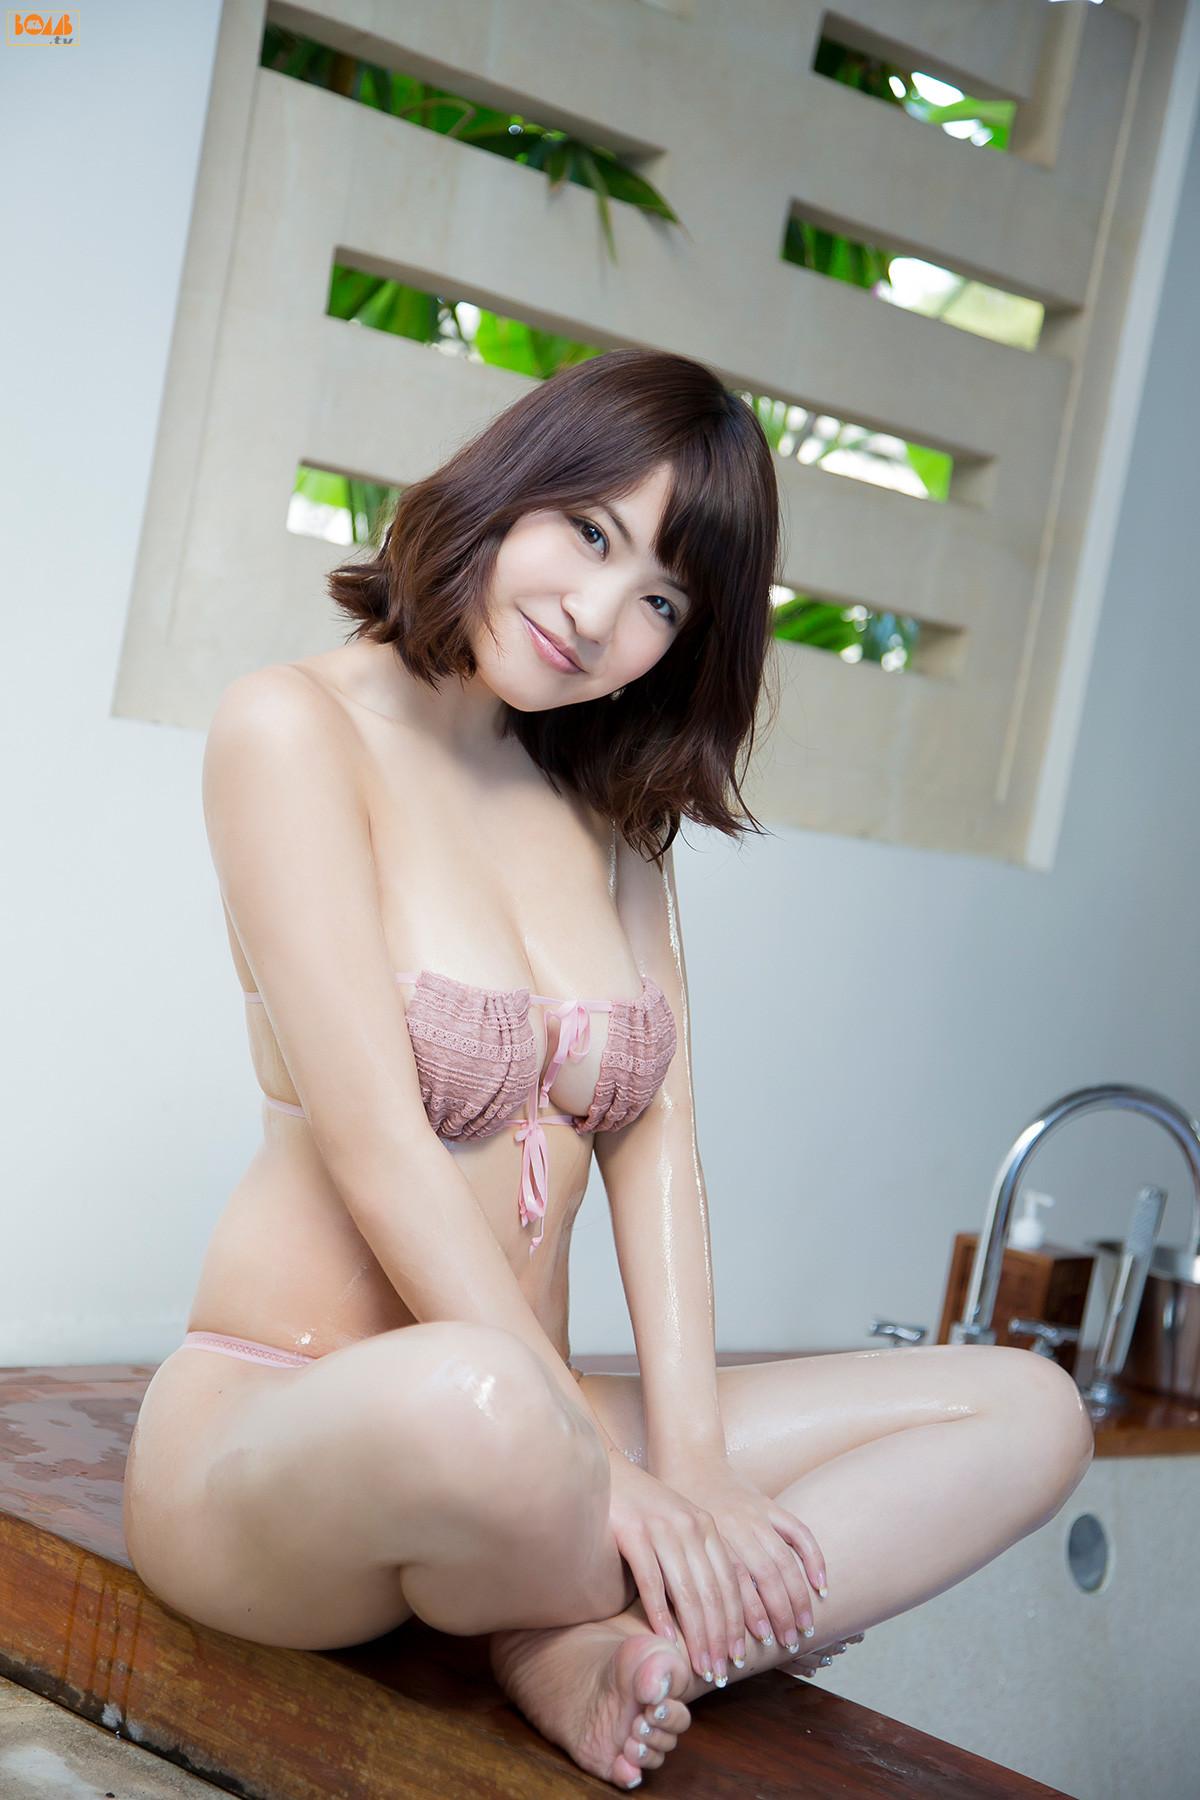 [BOMB.tv] 2013.07 Asuka Kishi 岸明日香 014